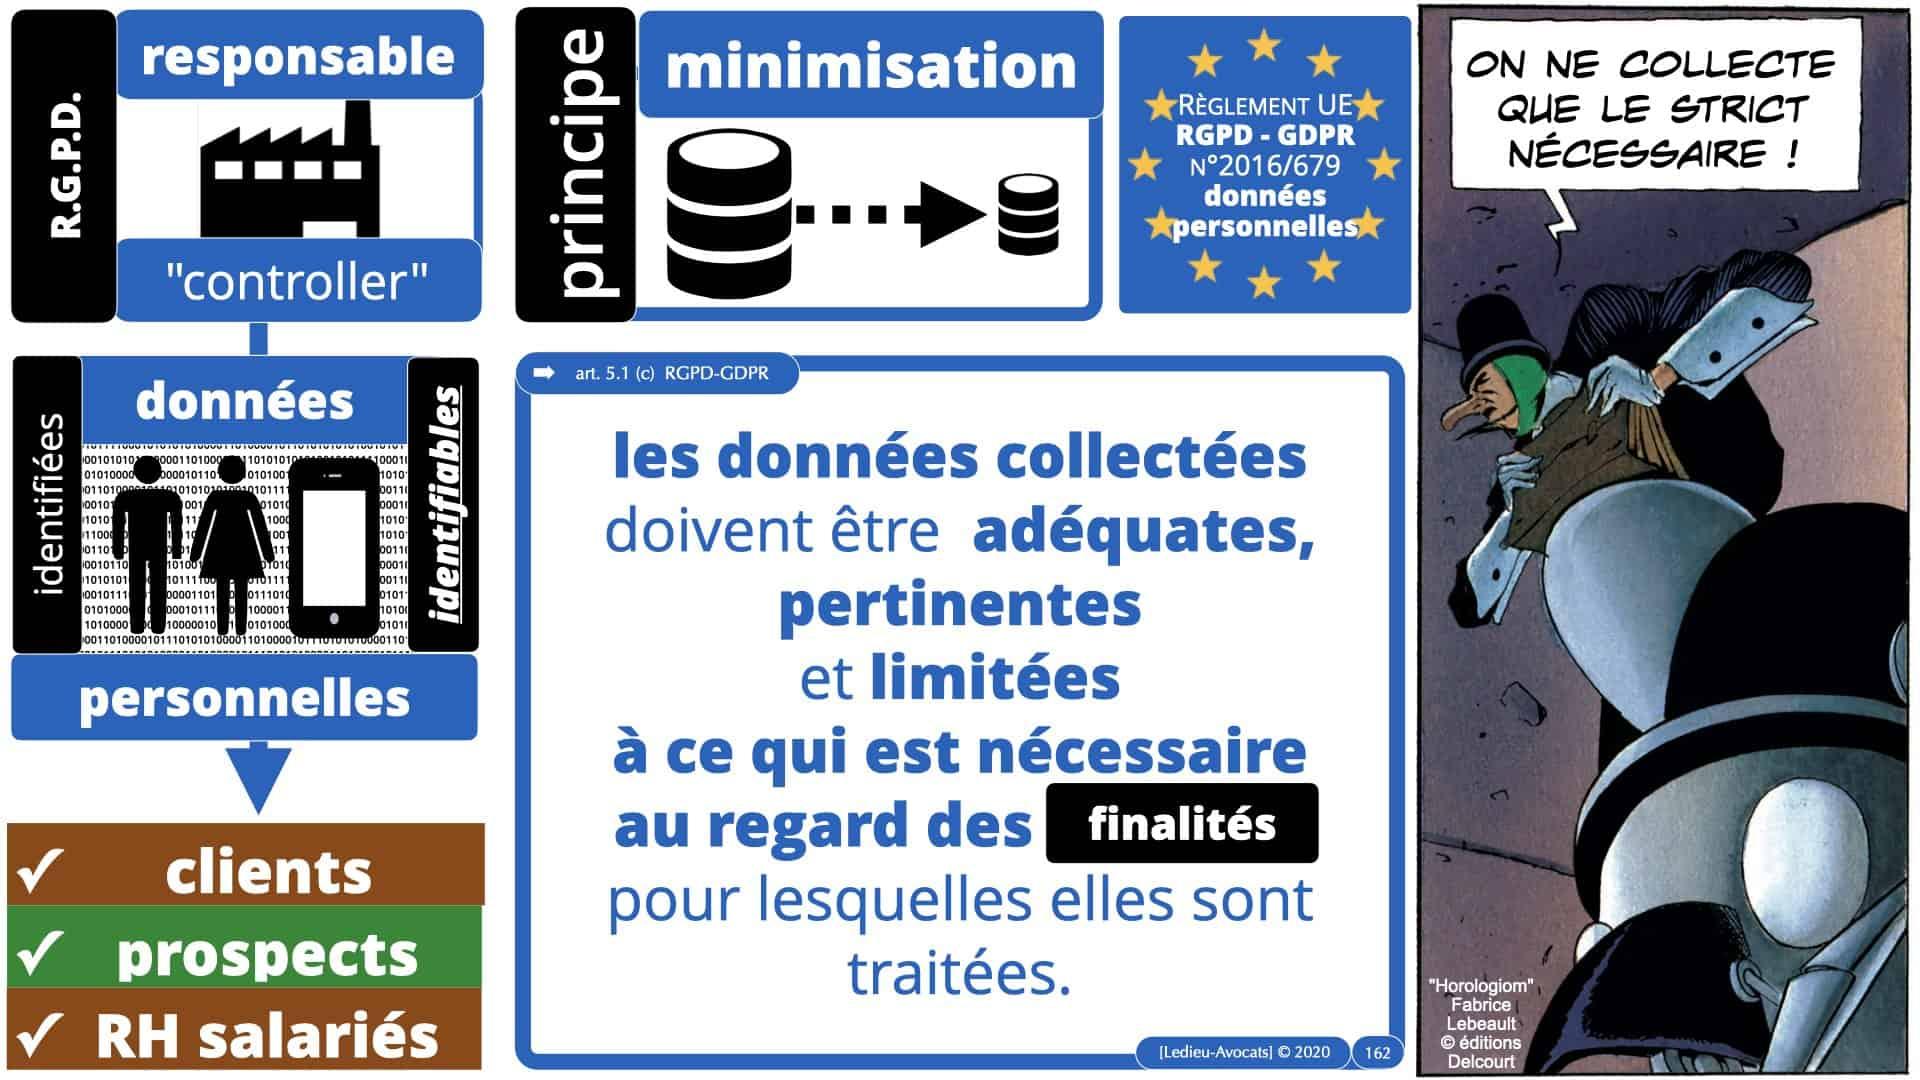 RGPD e-Privacy données personnelles jurisprudence formation Lamy Les Echos 10-02-2021 ©Ledieu-Avocats.162